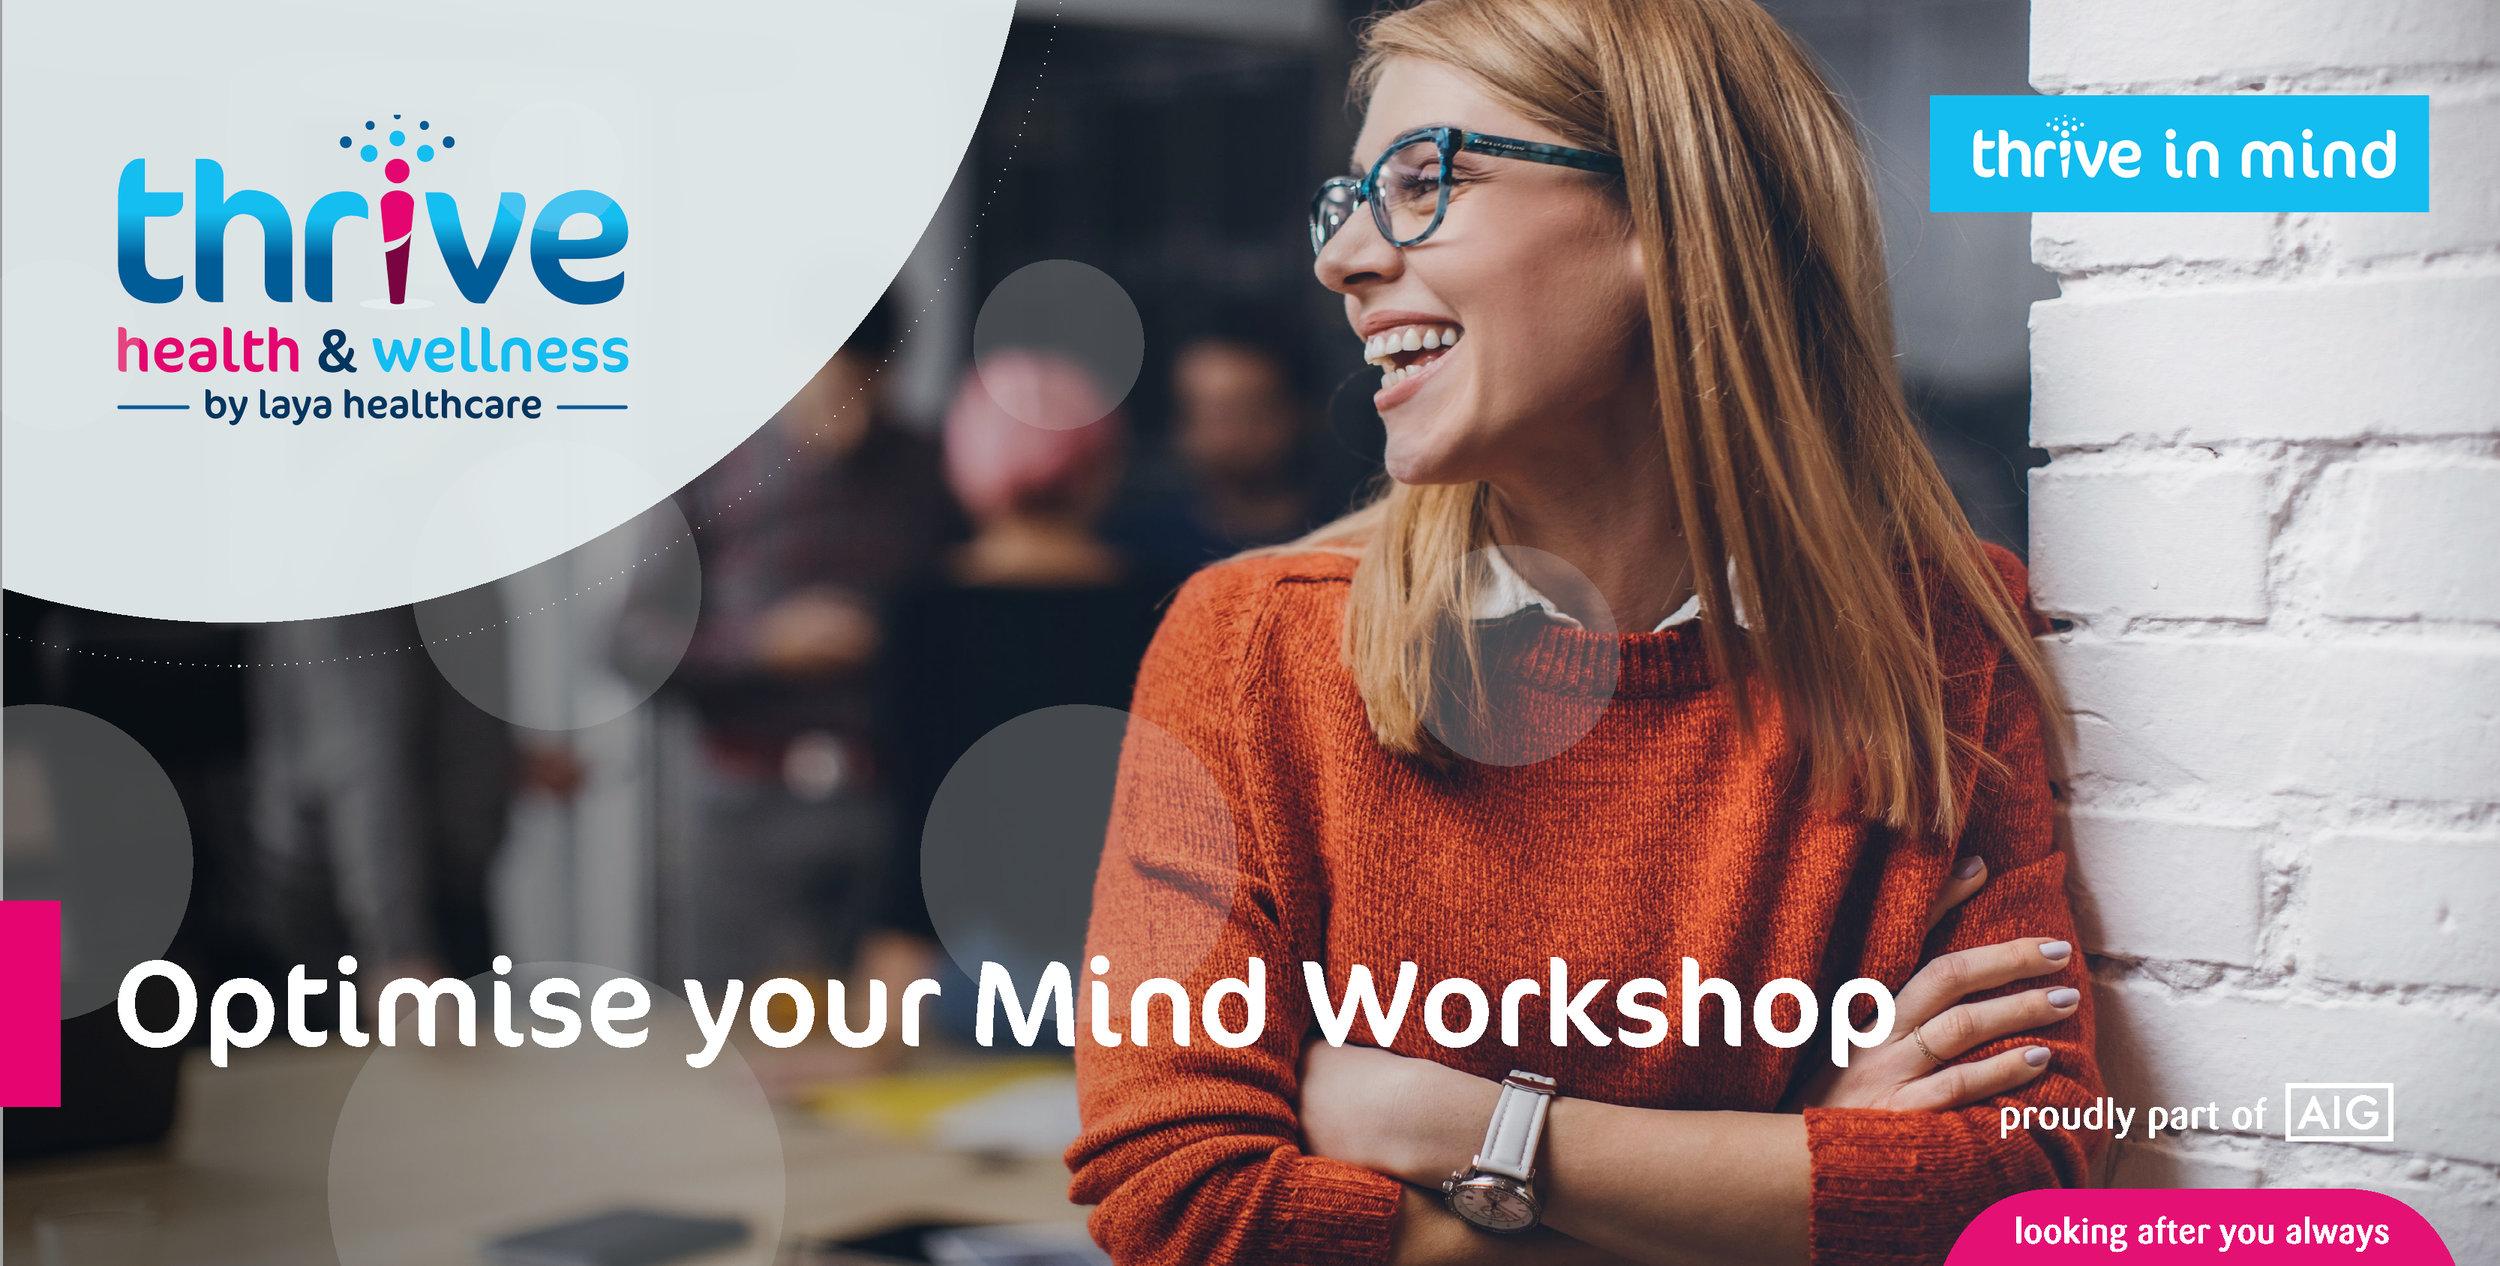 MAILCHIMP TEMPLATE. Optimise your Mind Workshop.jpg